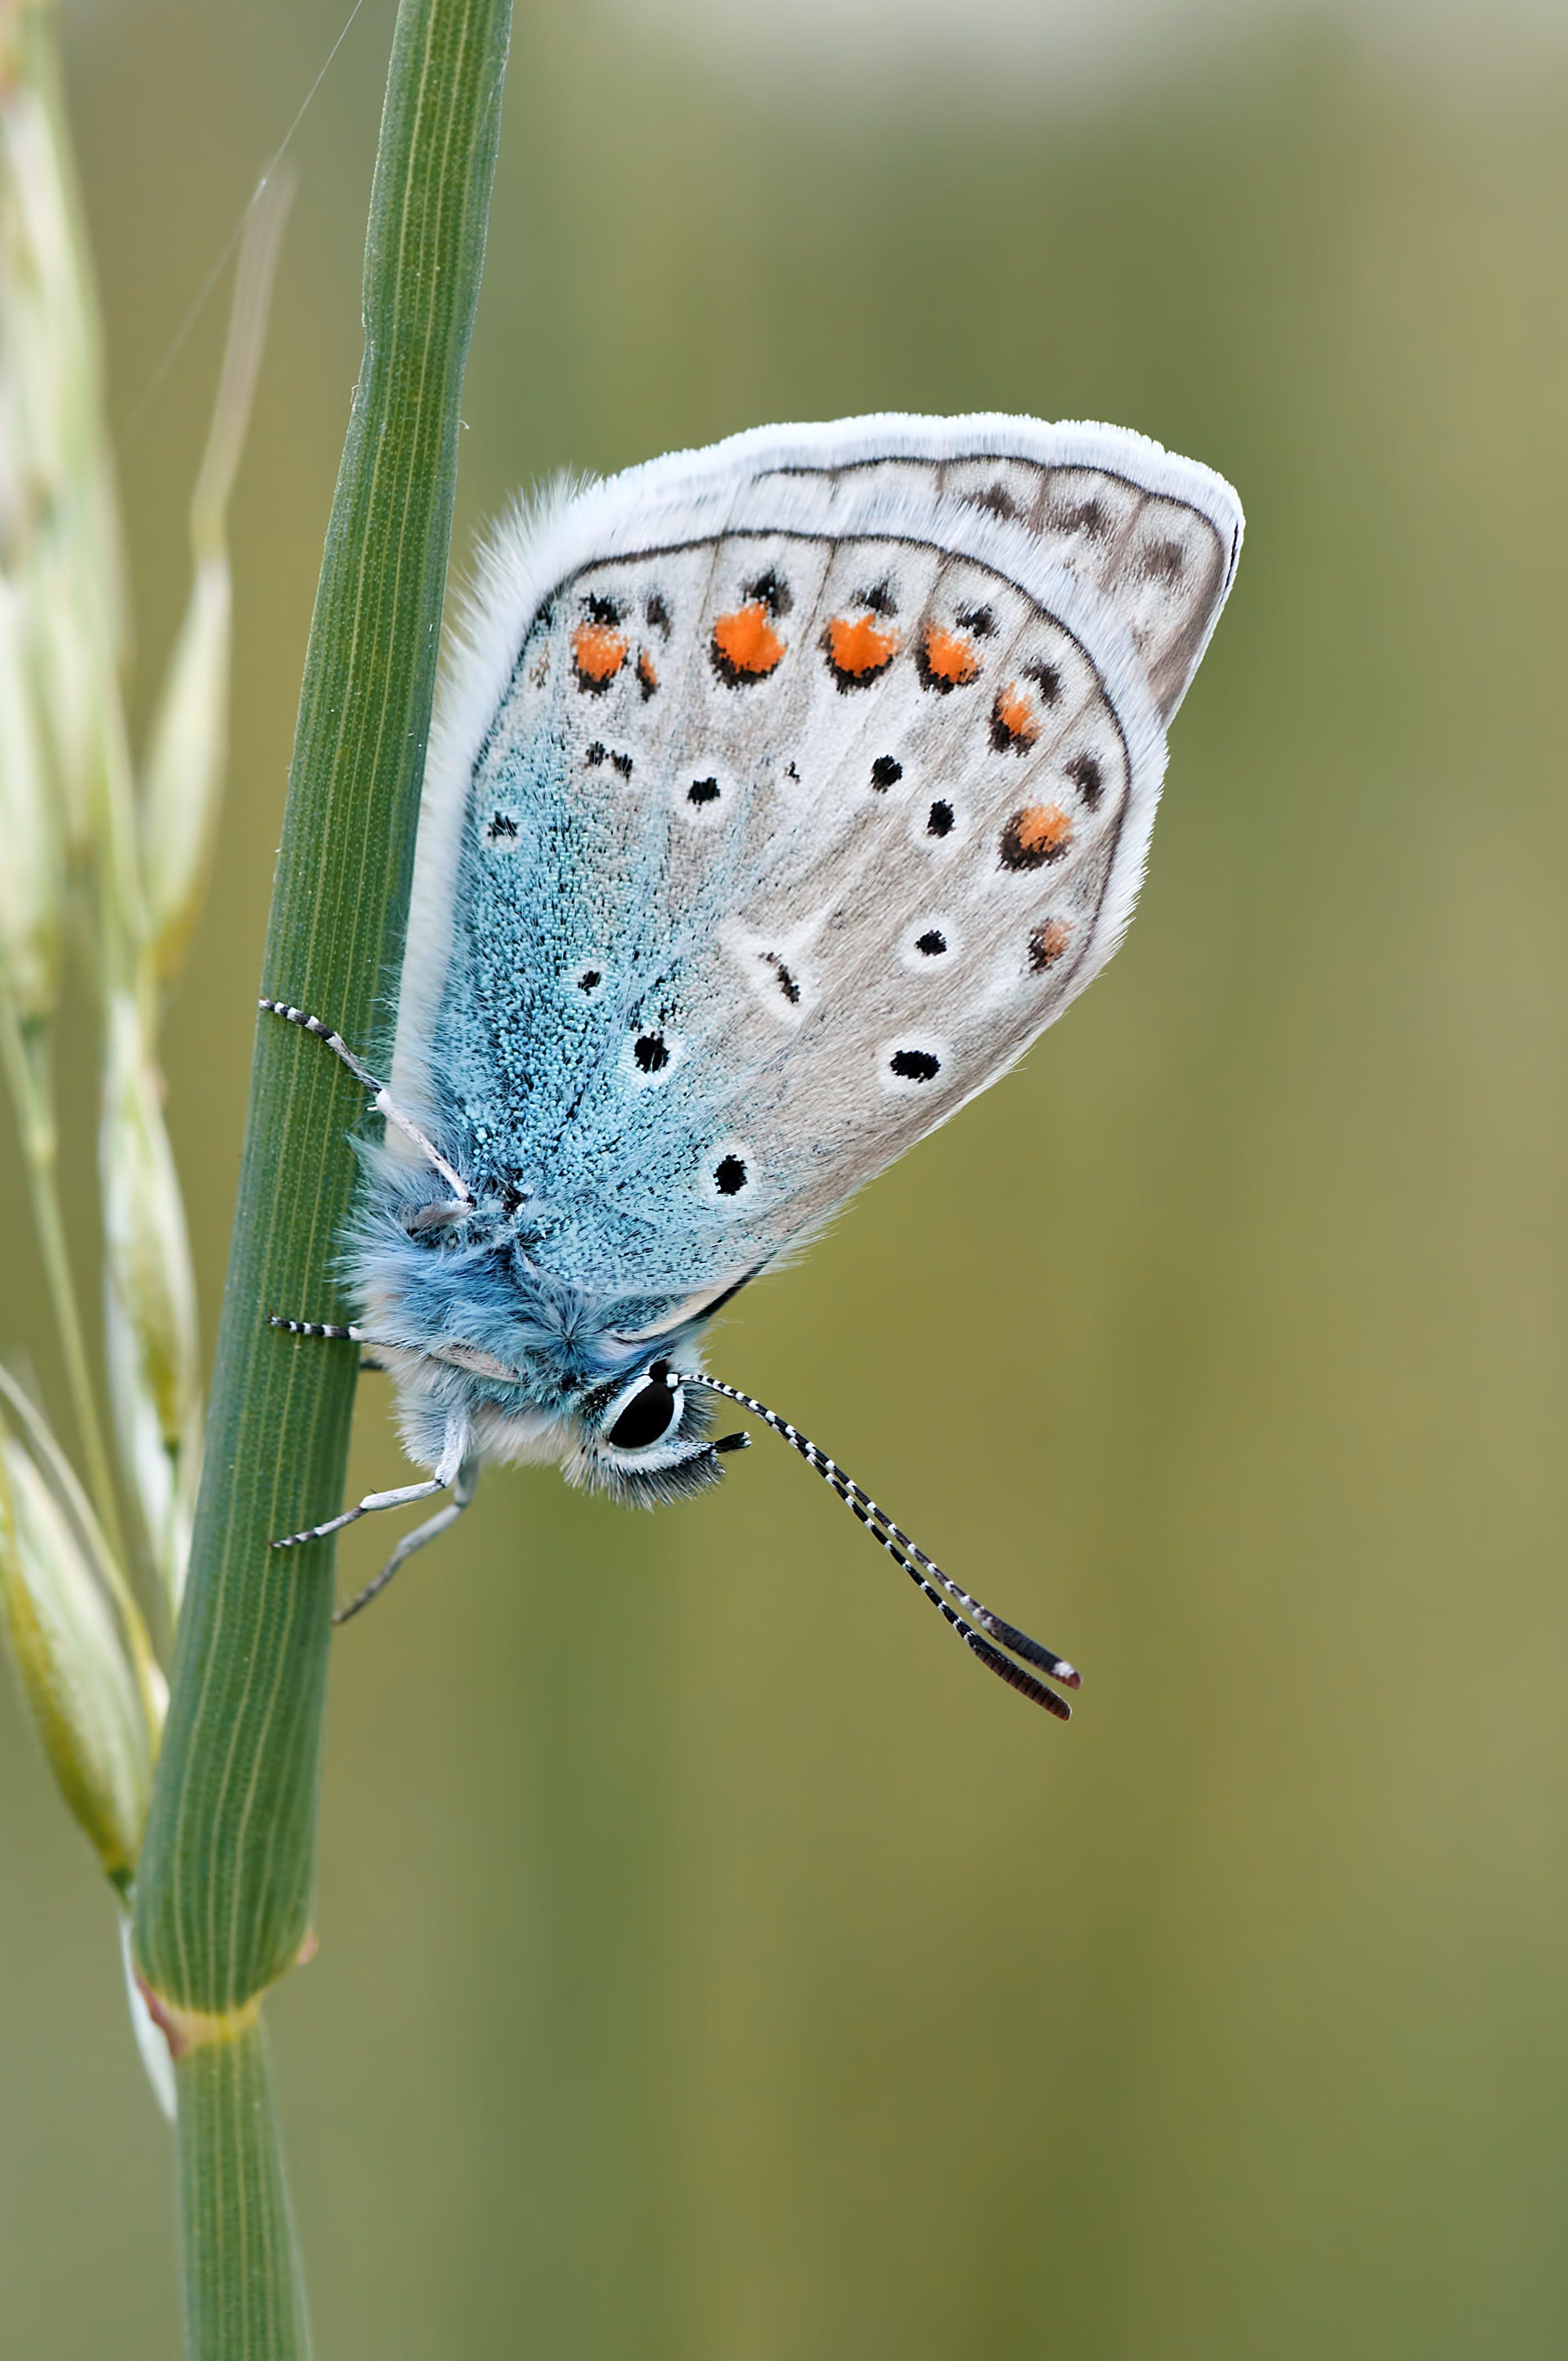 天性, 宏觀, 蝴蝶 的 免費圖庫相片